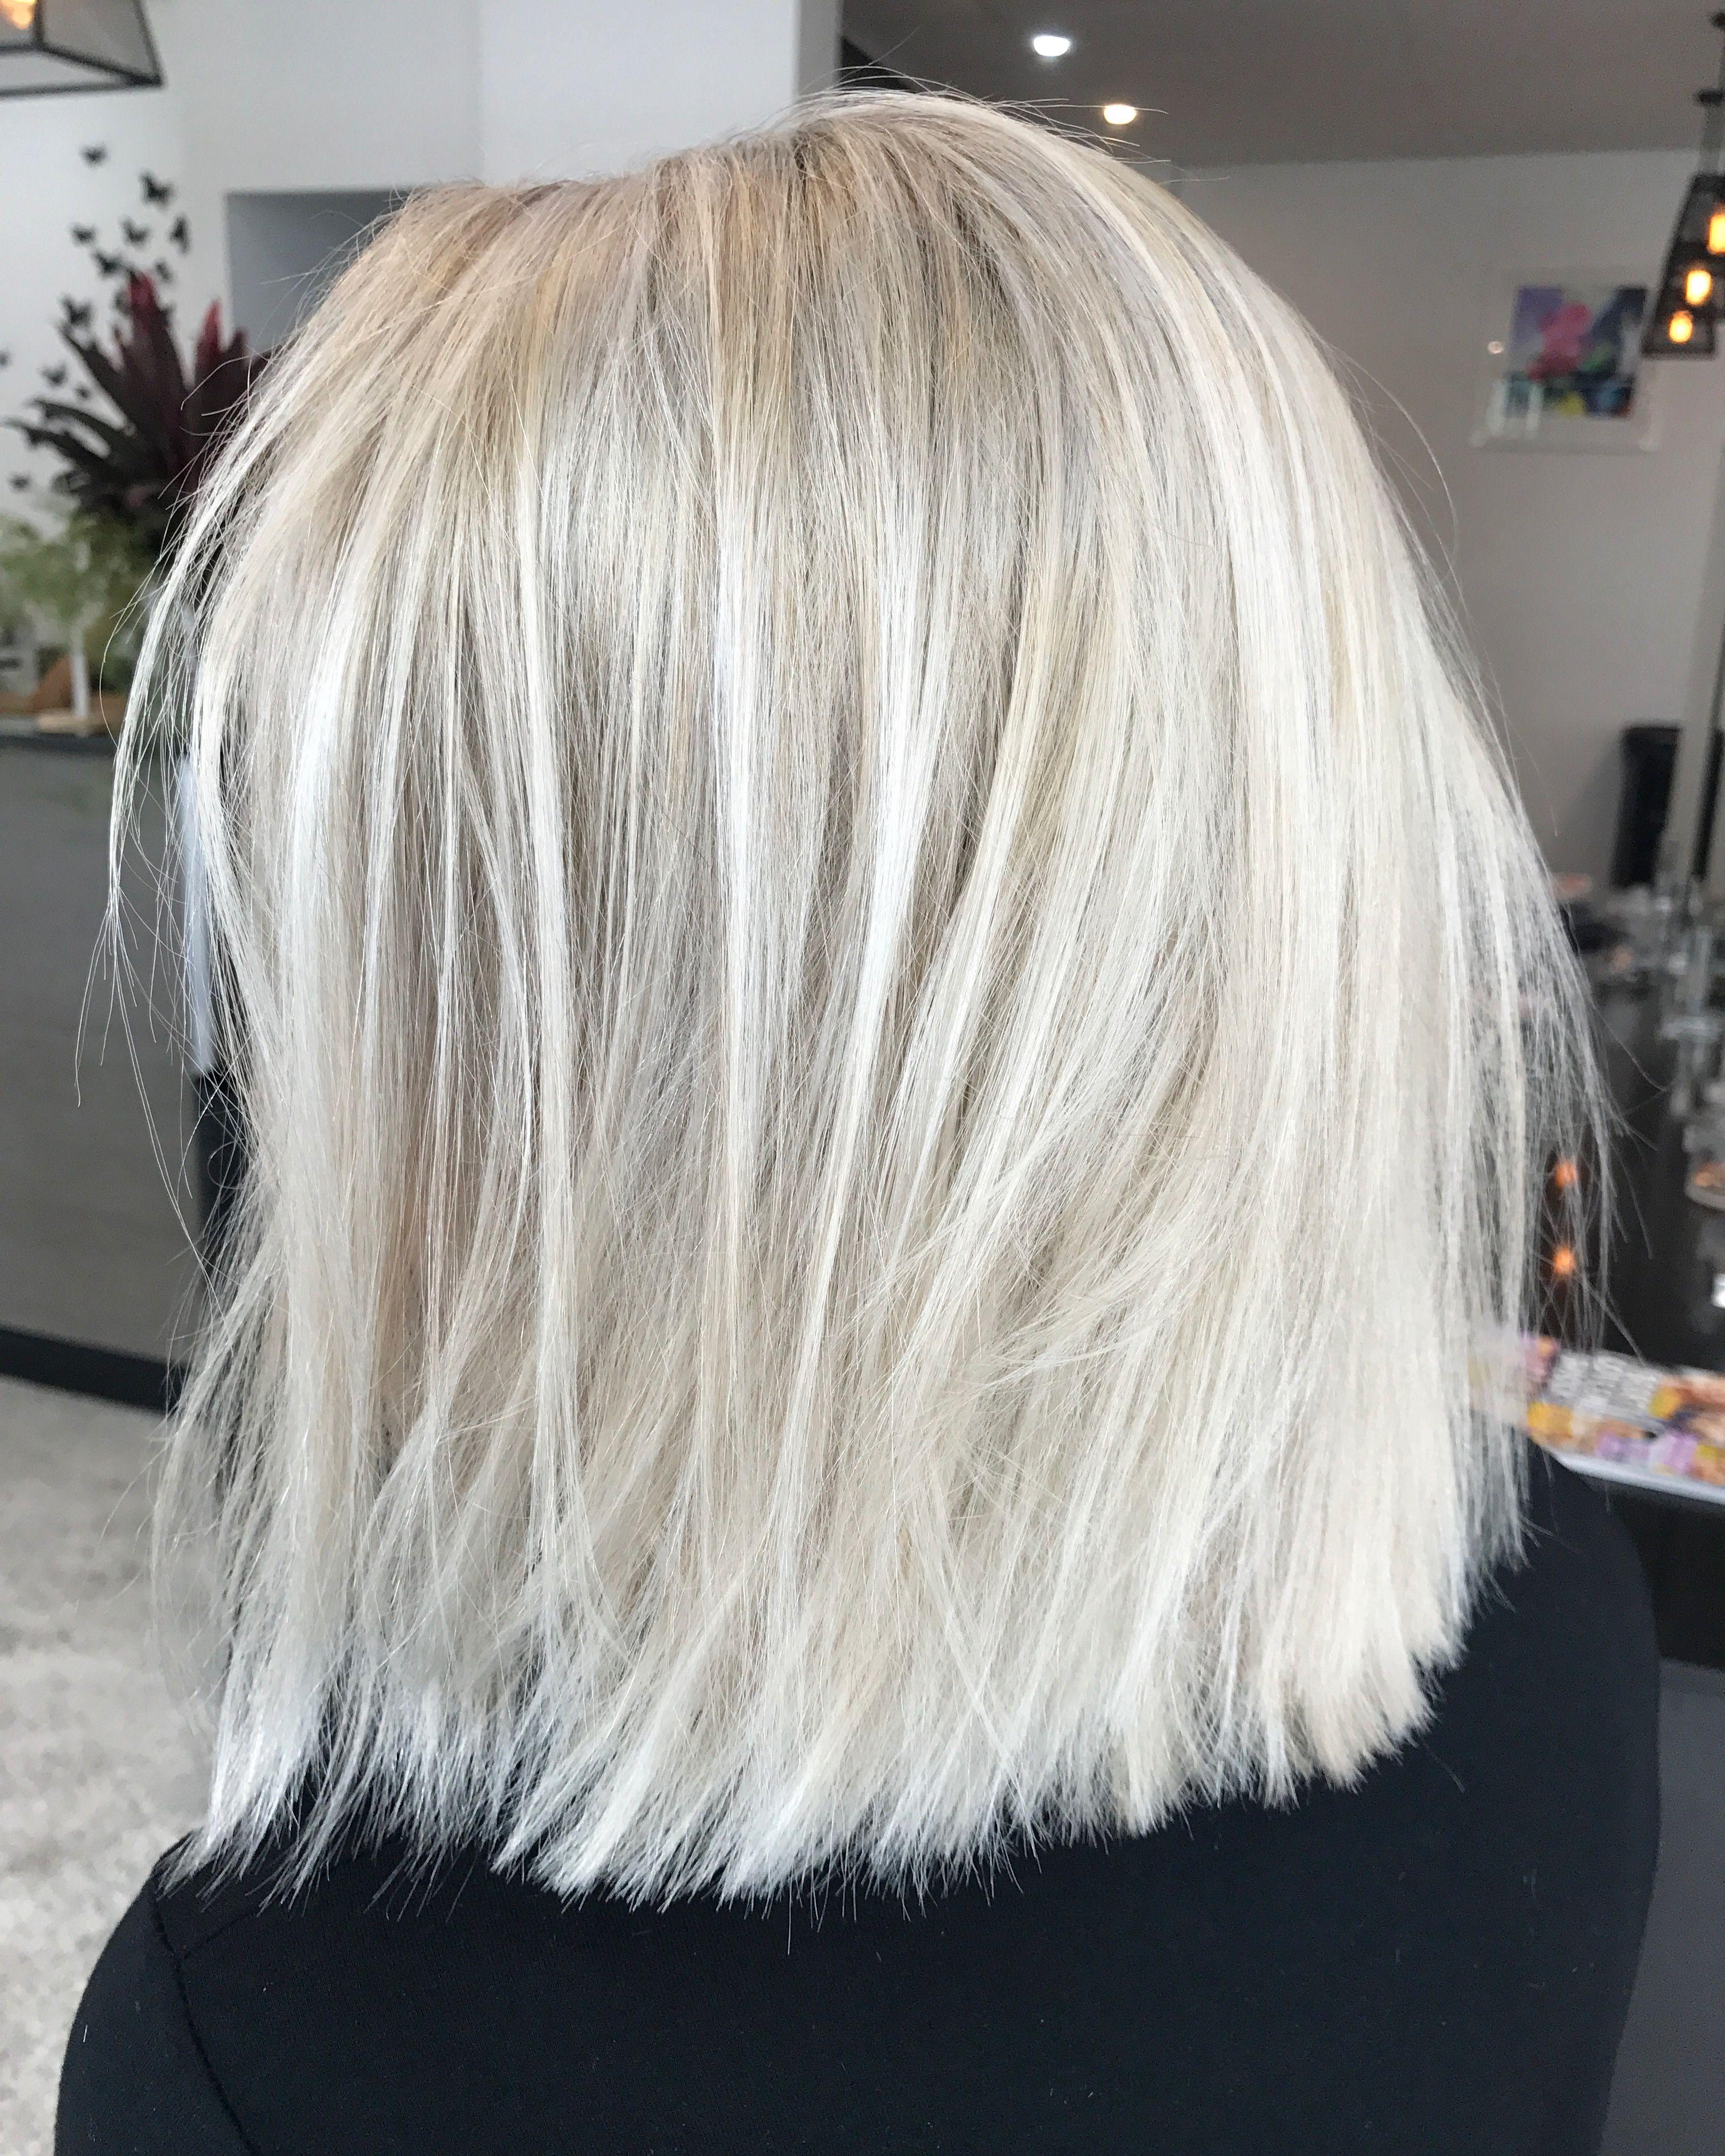 Blonde lob Textured short hair Colour Lived in hair colour Cool ash